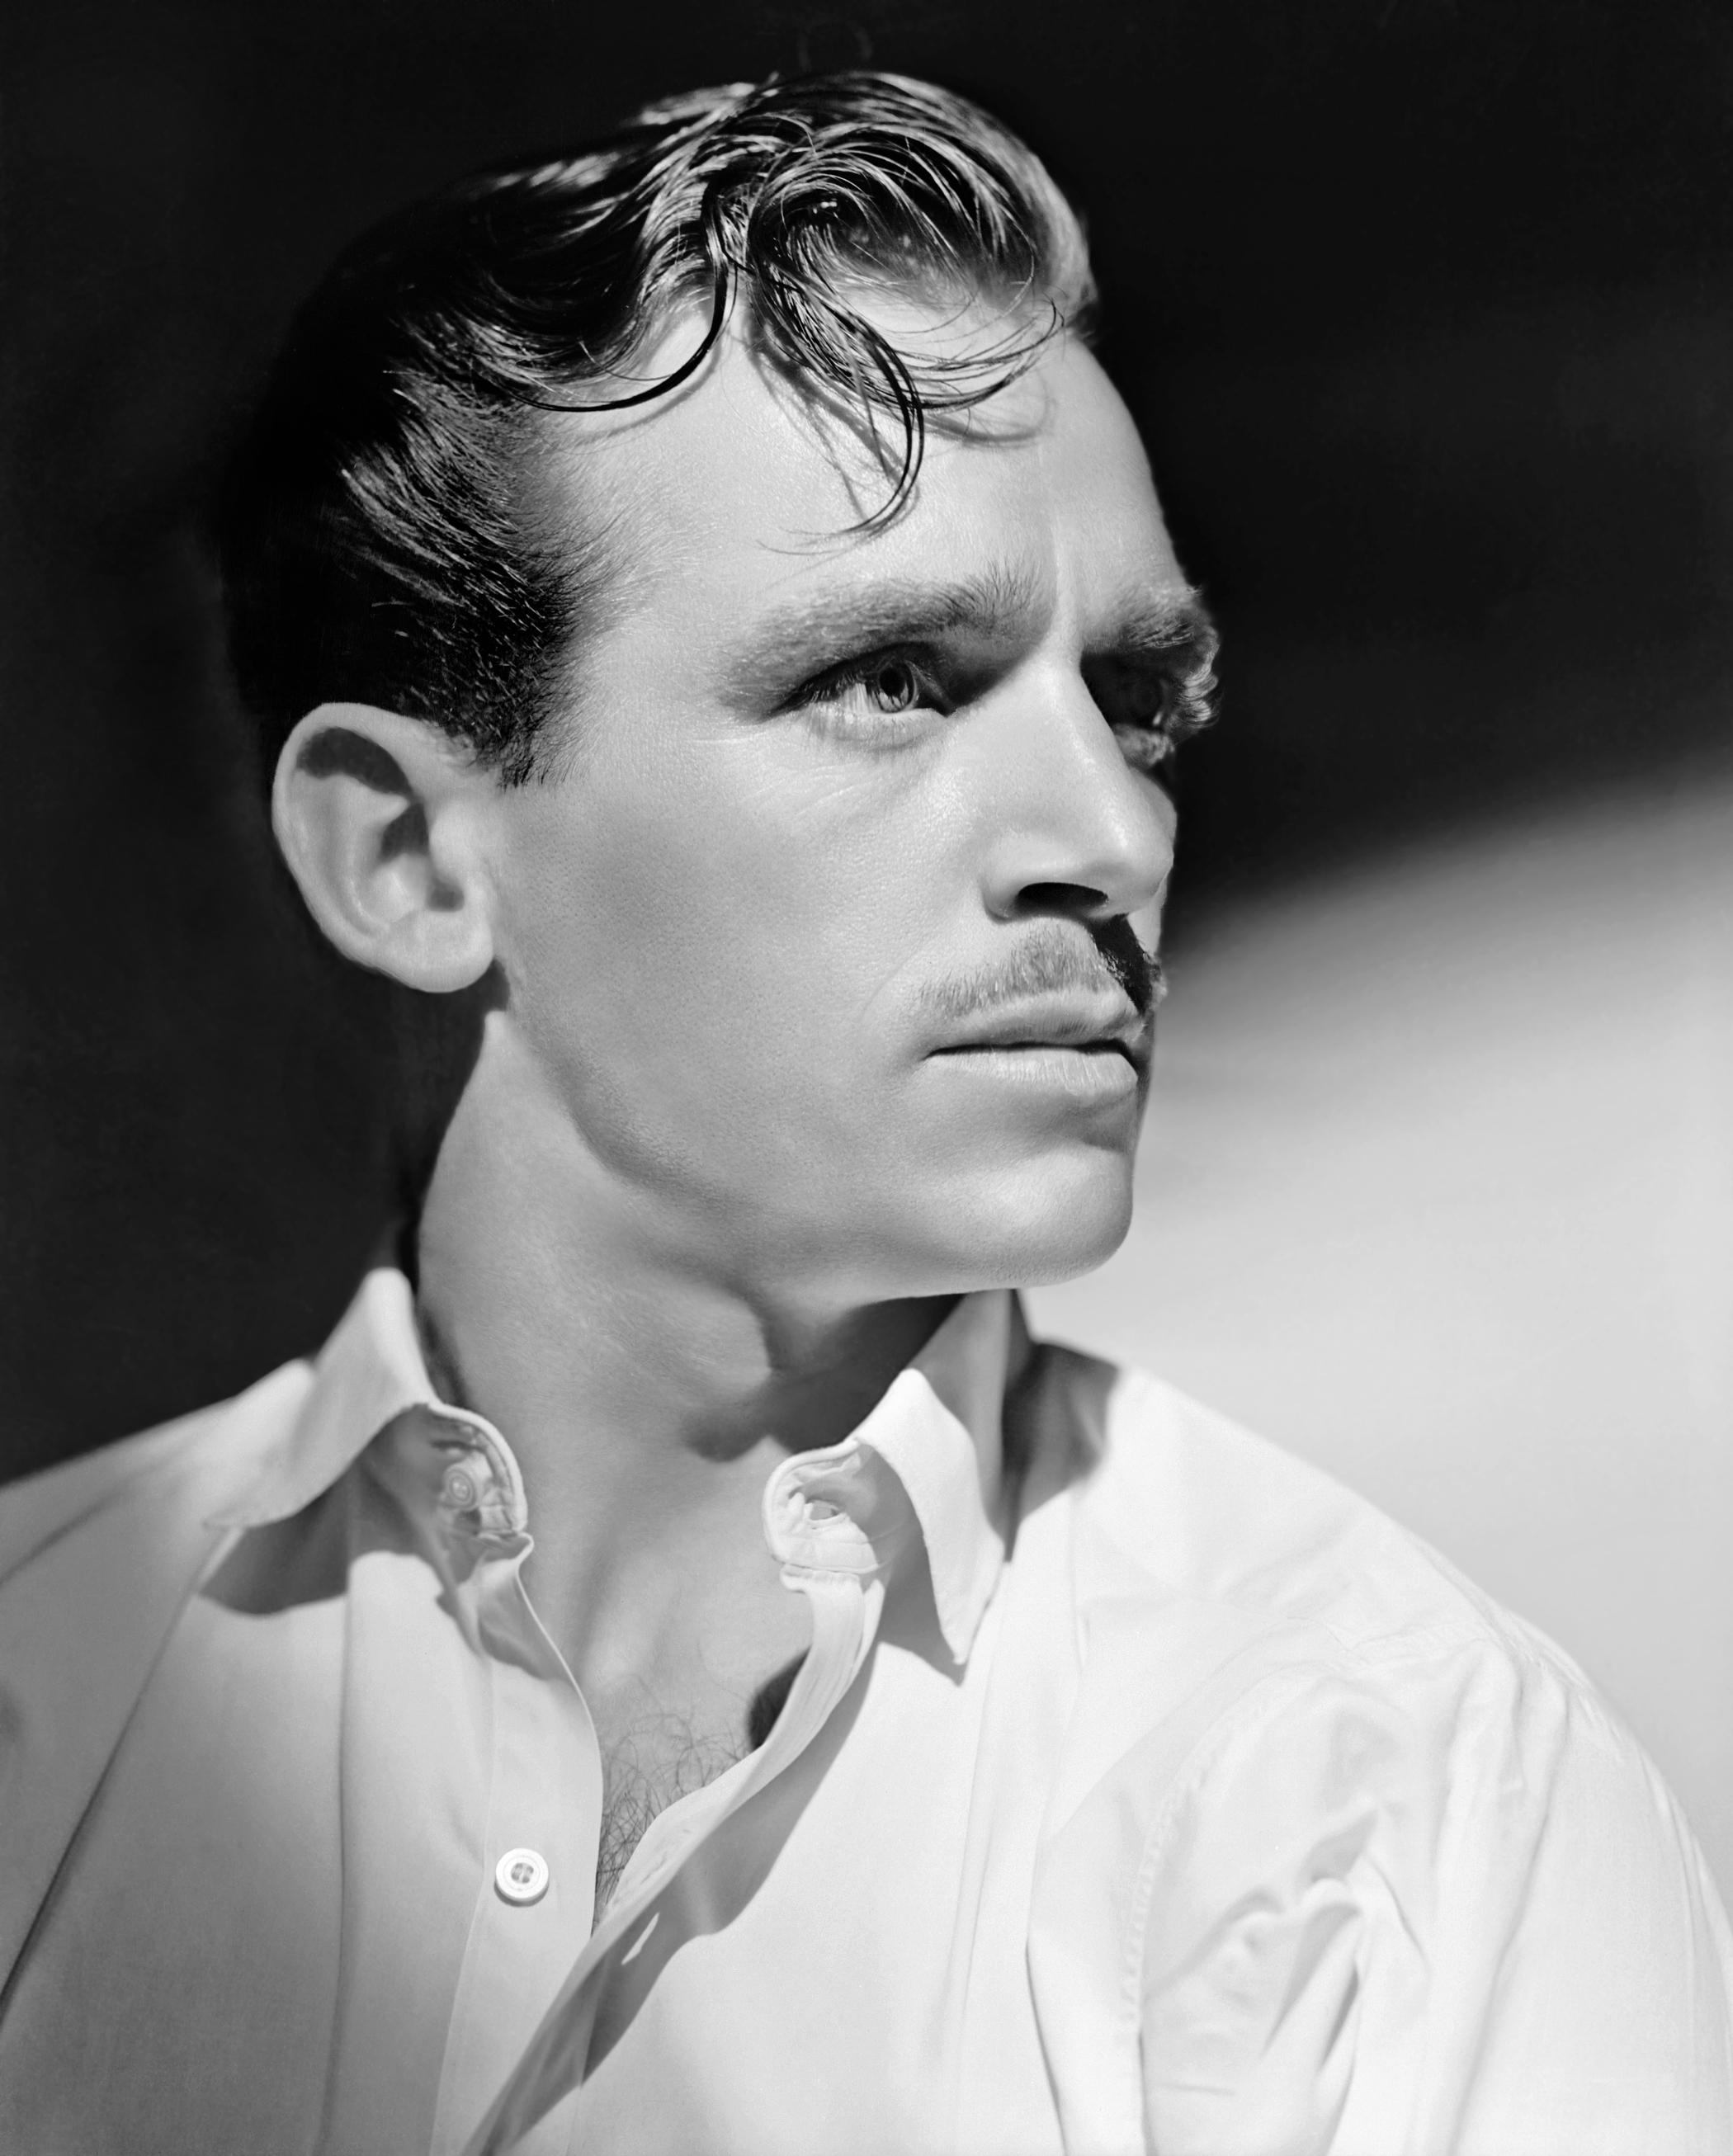 Douglas Fairbanks, Jr